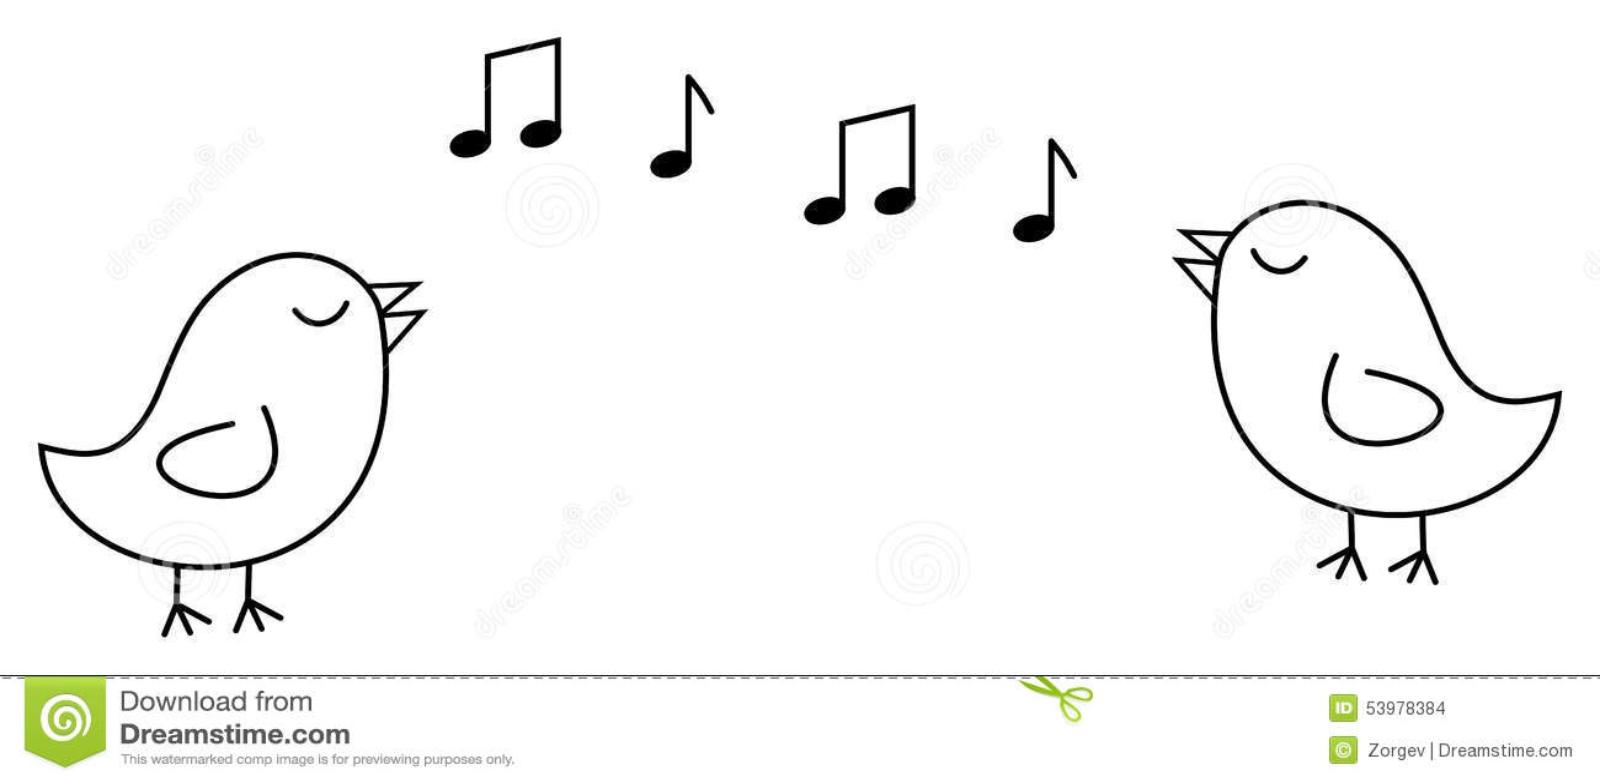 Petit oiseau 2 noir qui chante stock images 4 photos - Dessin oiseau qui chante ...